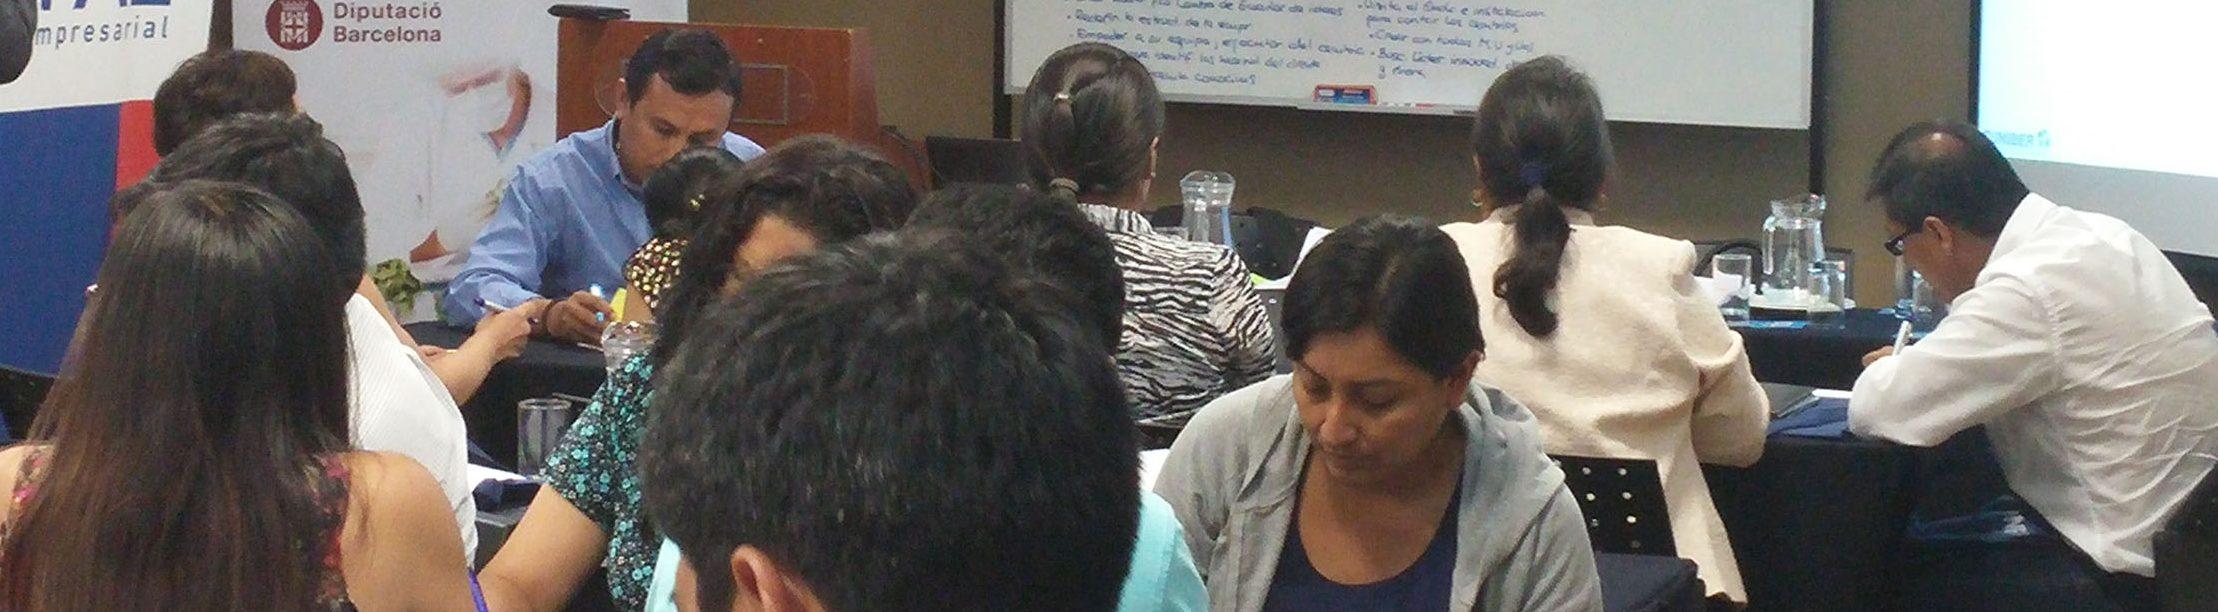 Inicio del Taller de Herramientas para la innovación en Perú organizado por FUNIBER